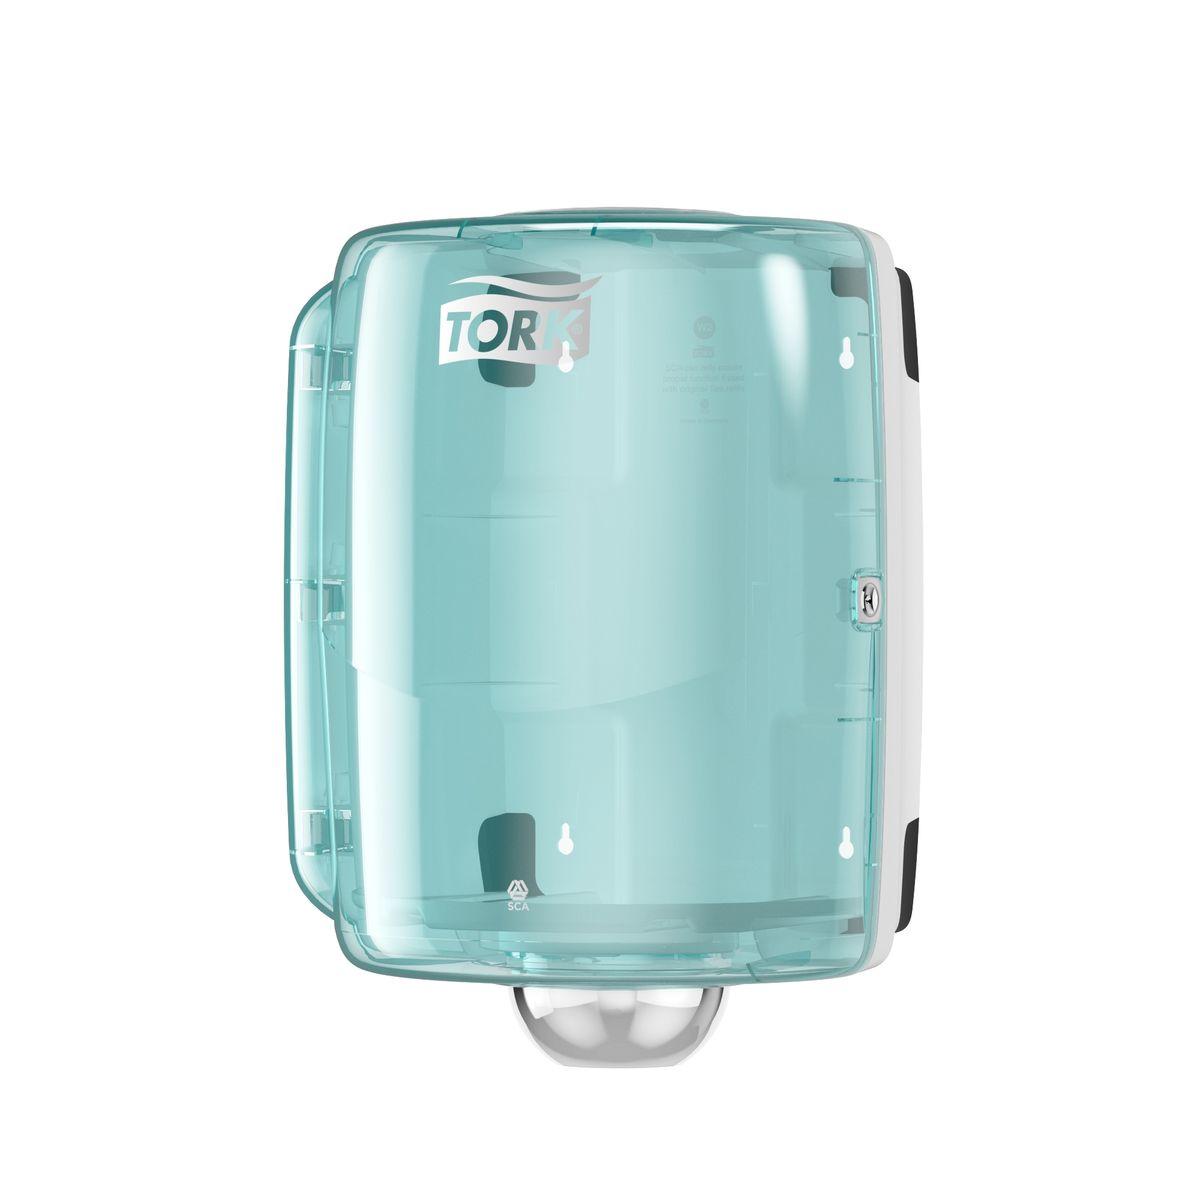 Диспенсер для туалетной бумаги Tork, цвет: белый . 653000RG-D31SСистема W2.Серия Performance.Идеально подходит для пищевого производства, ресторанной кухни и промышленных зон.- Повышенная емкость- Защита рулона от попадания брызг- Широкий выбор расходных материалов- Возможность крепления к стене для экономии места